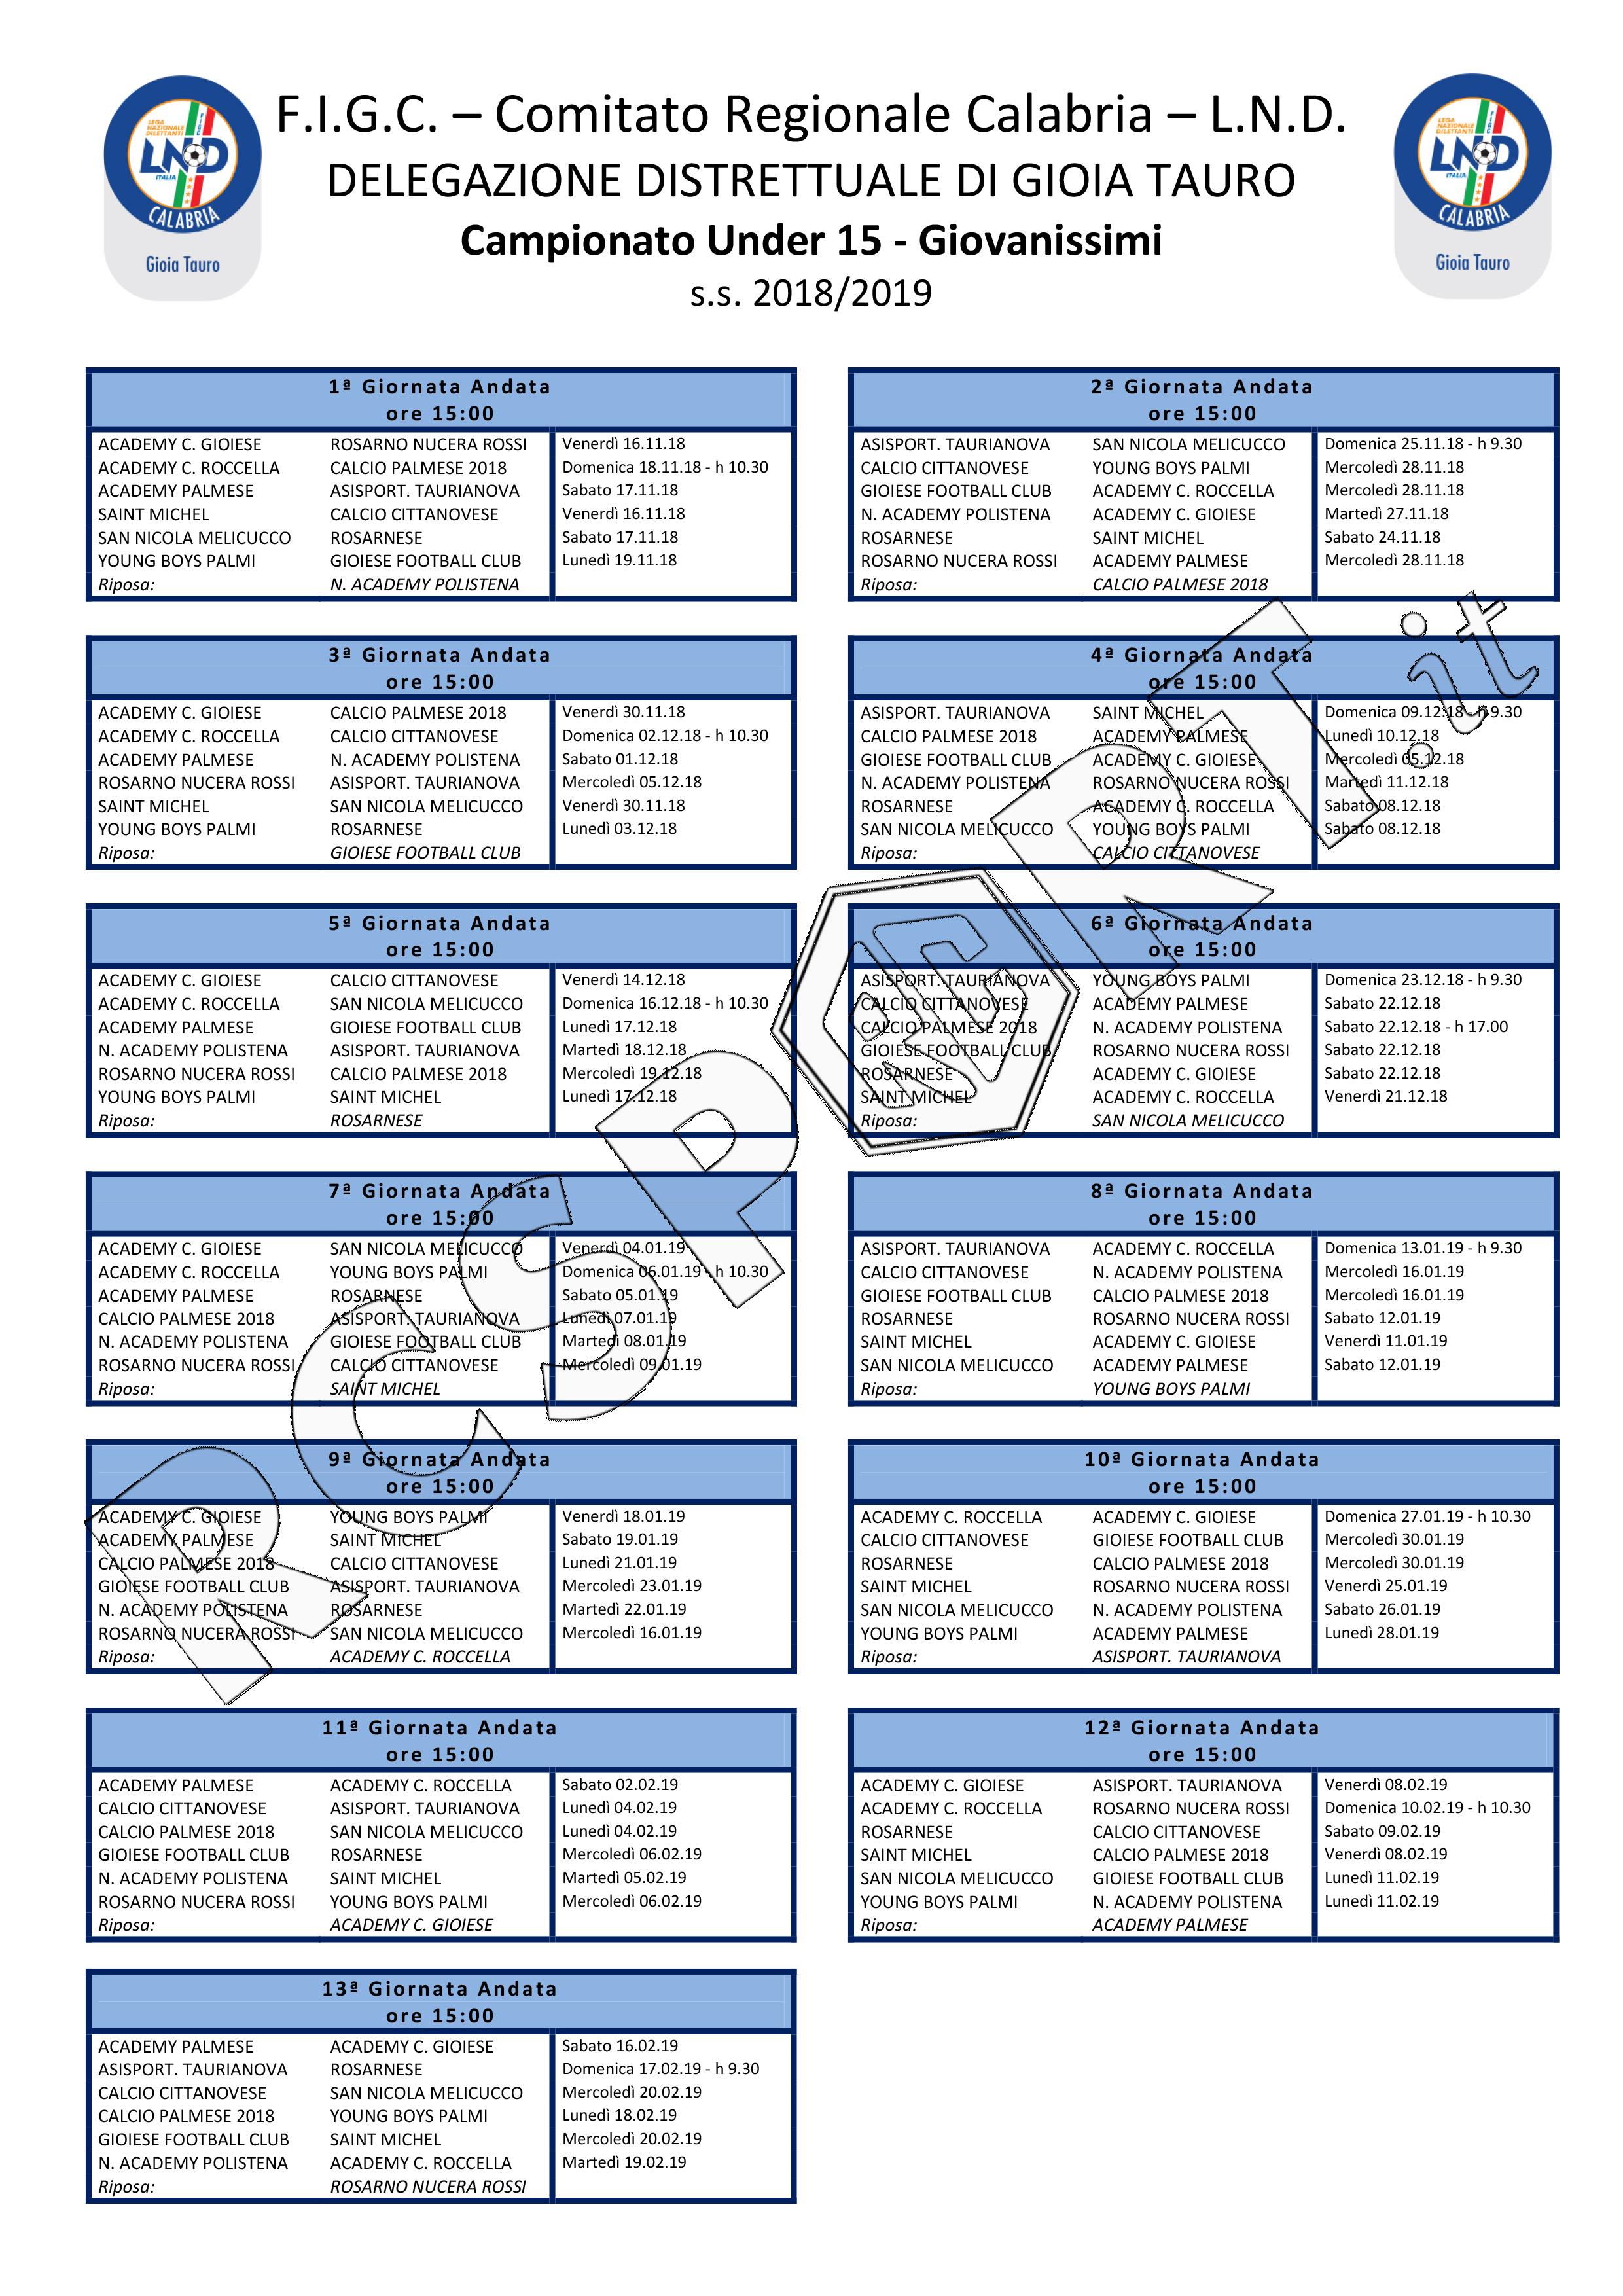 San Nicola Calendario.Under 15 Gioia Tauro Il Calendario Della S S 2018 2019